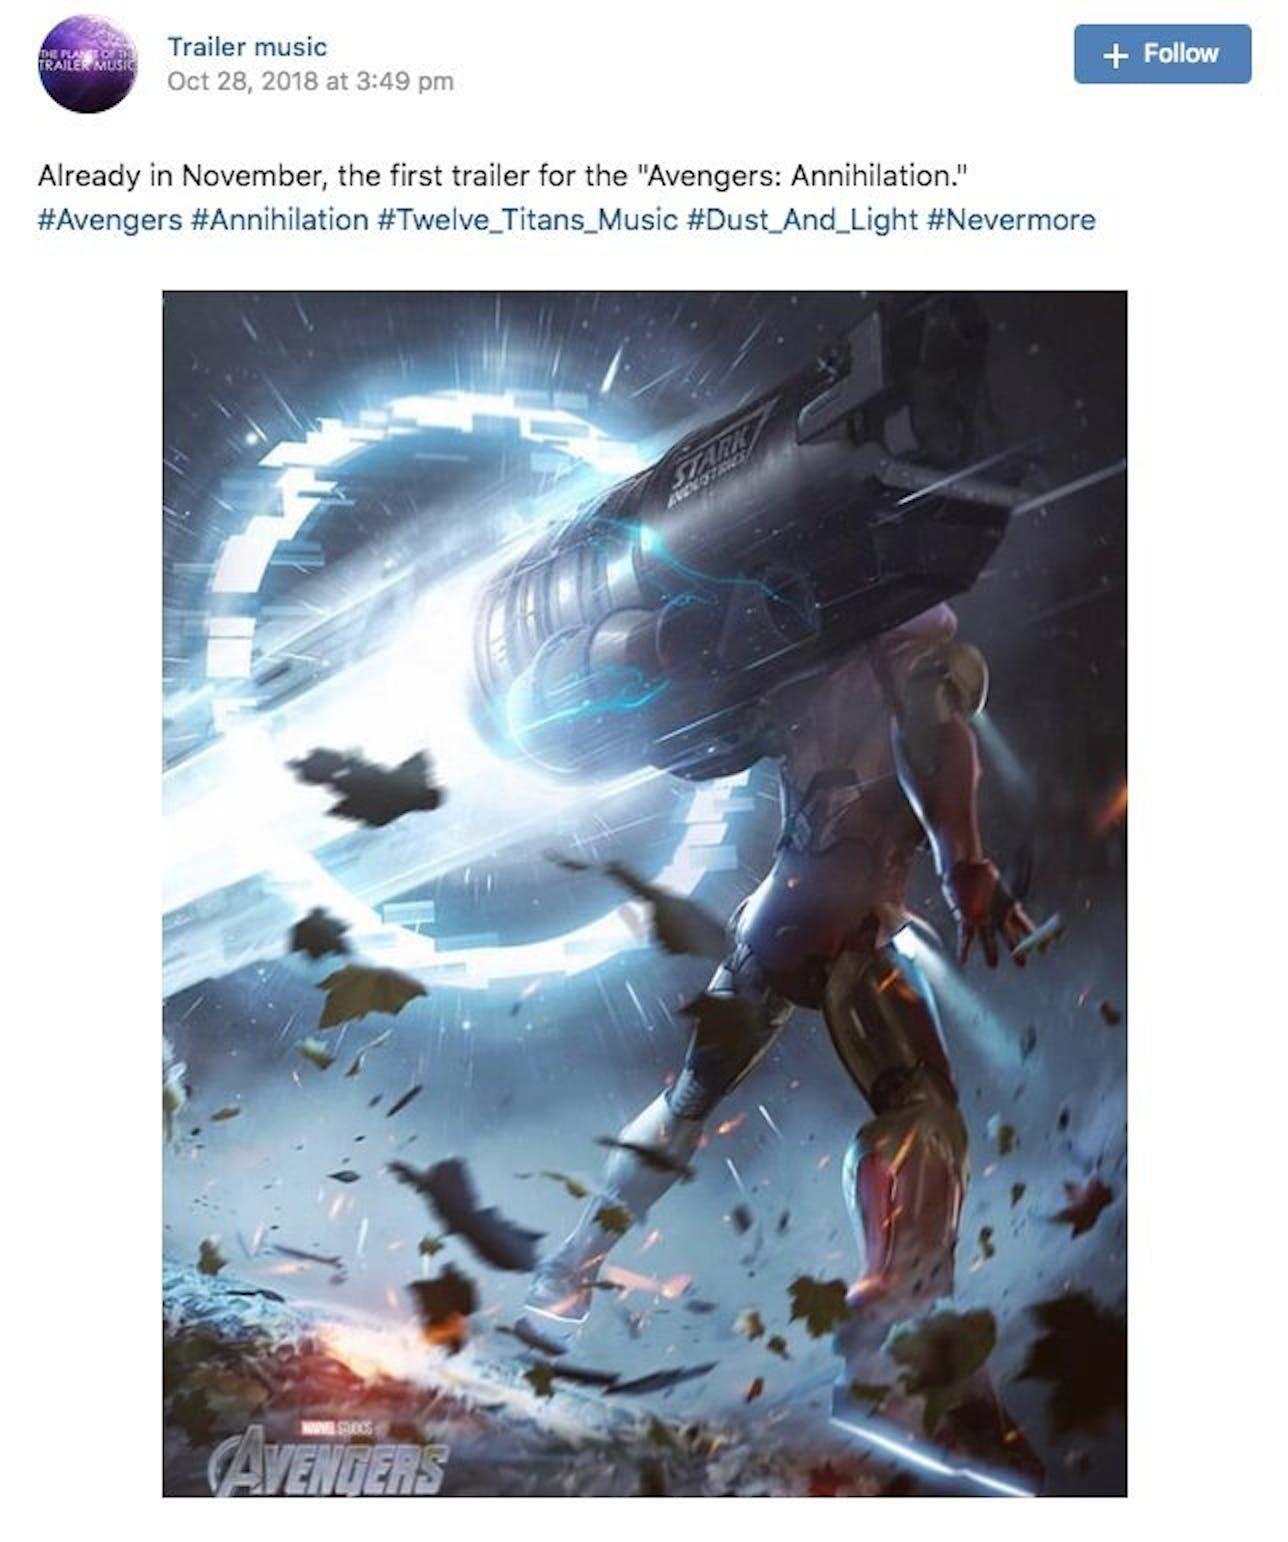 avengers 4 trailer leak spoilers